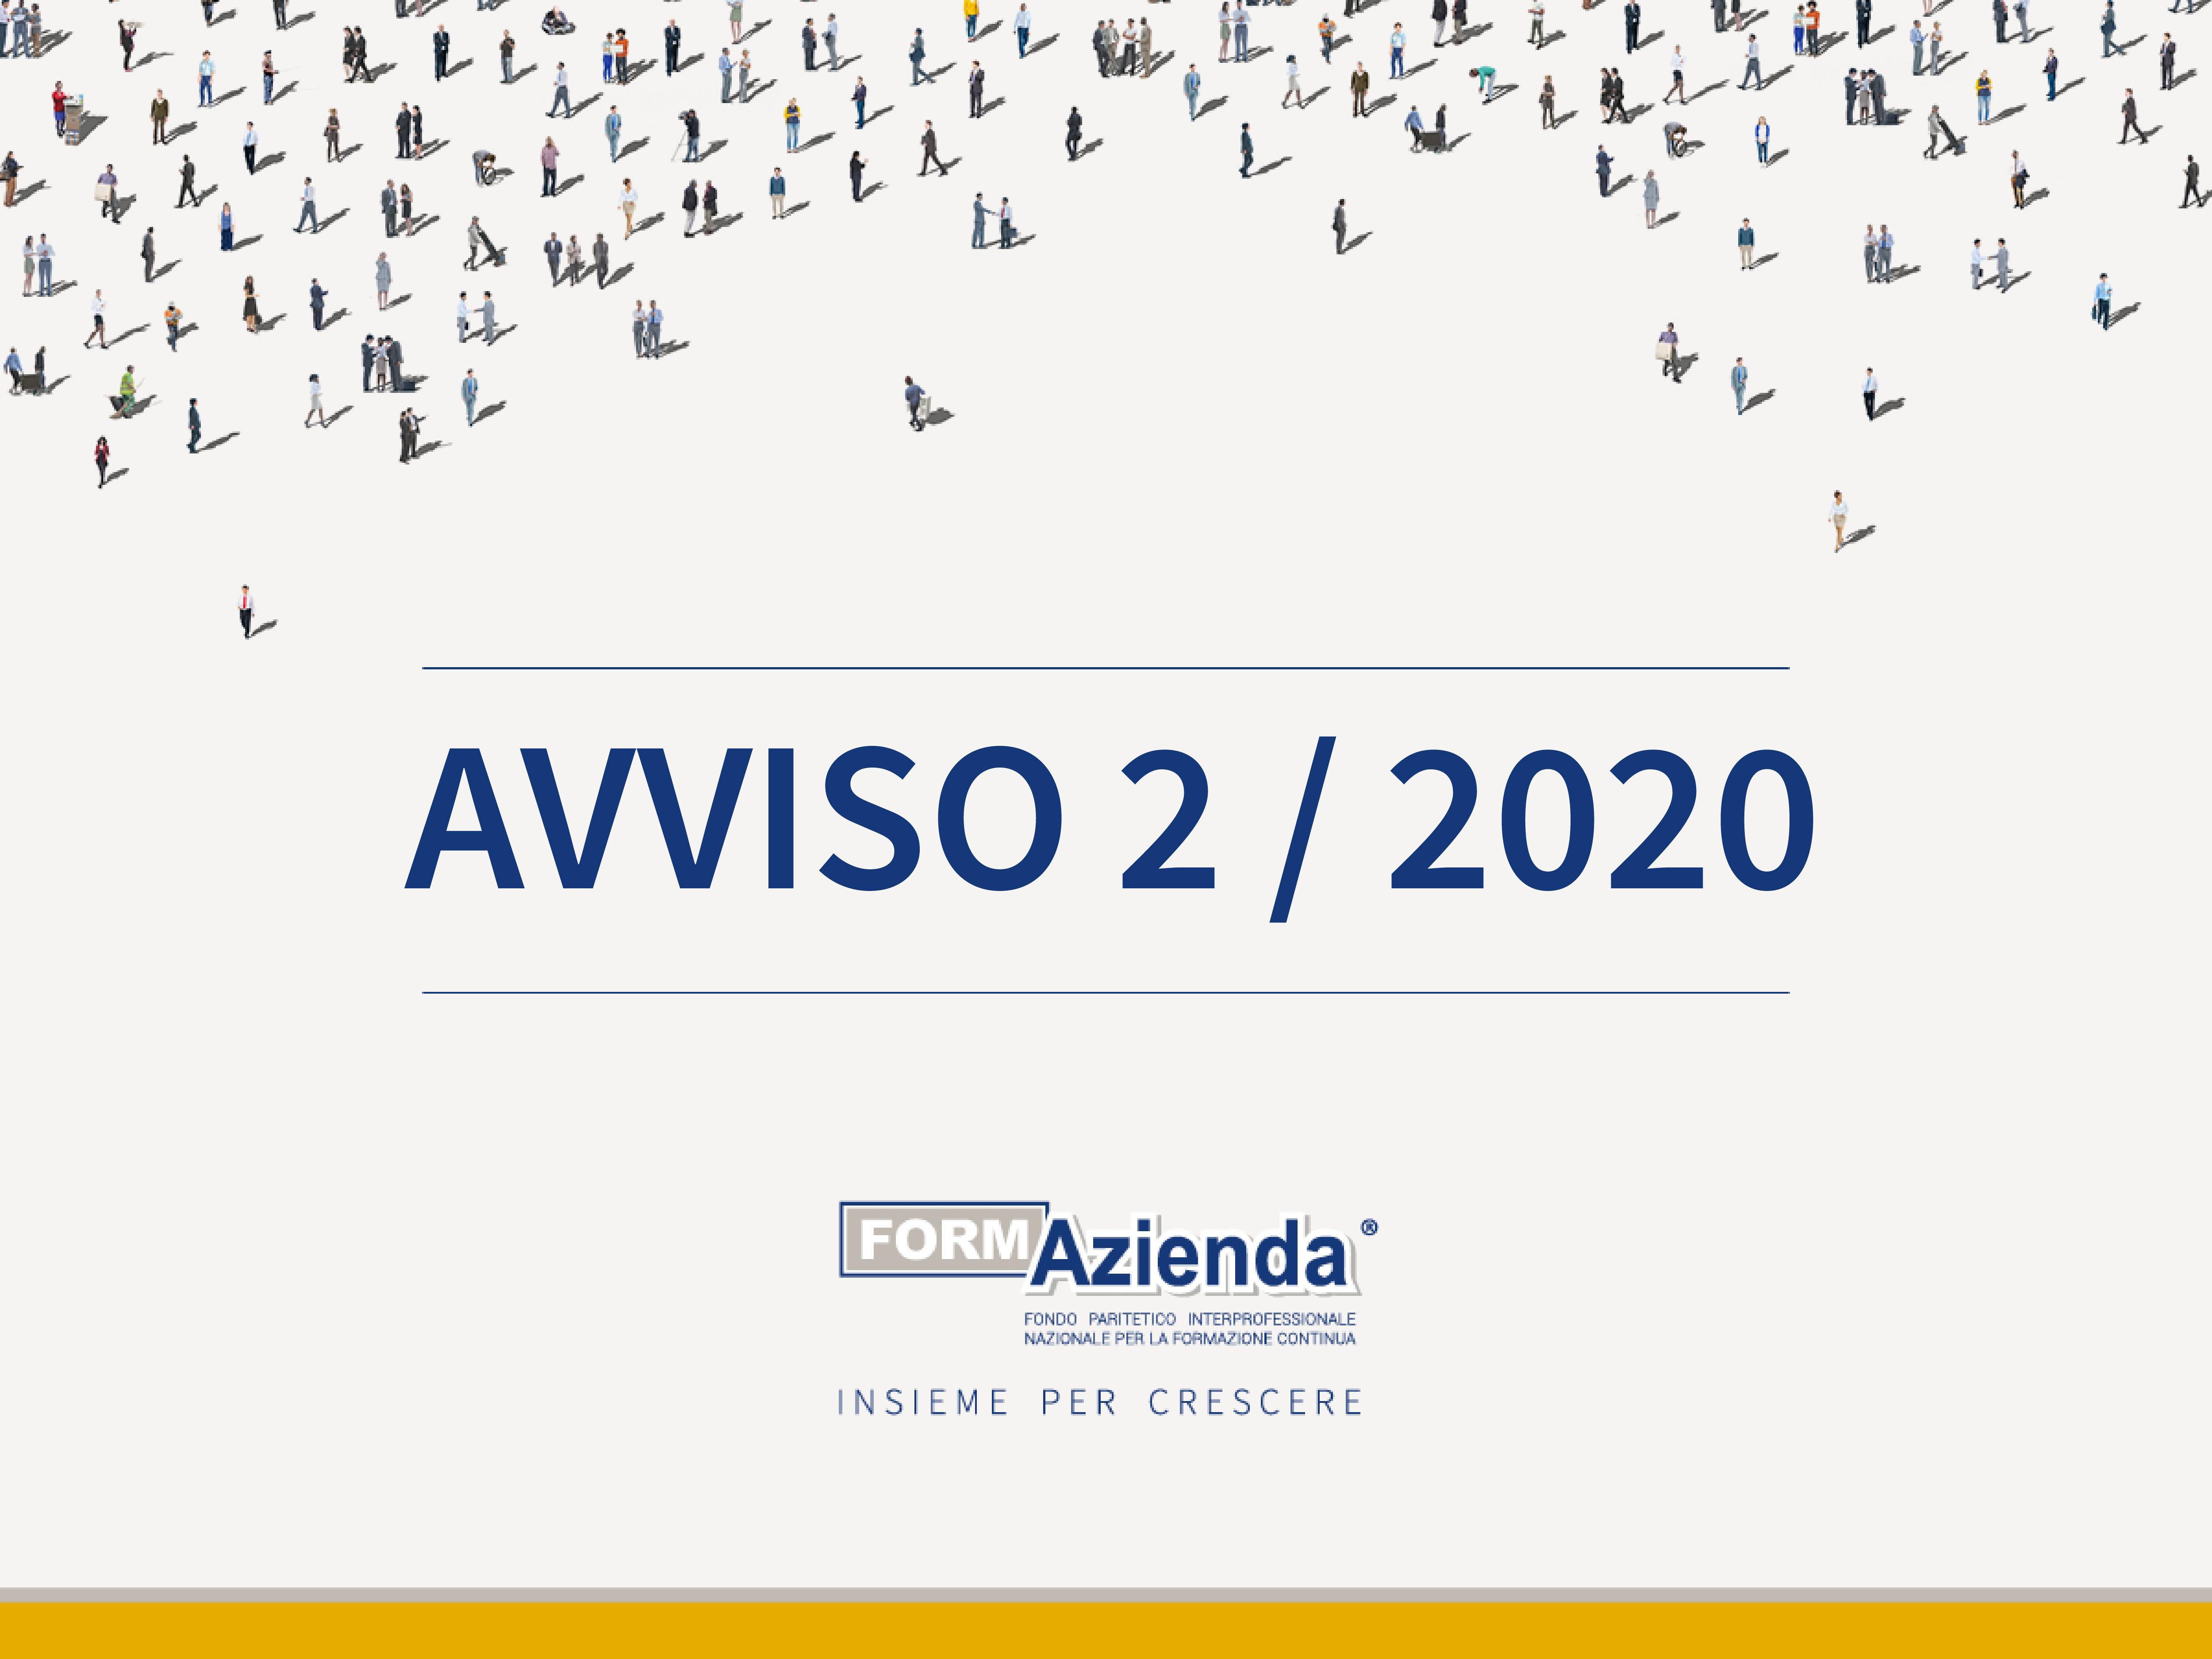 AVVISO 2/2020